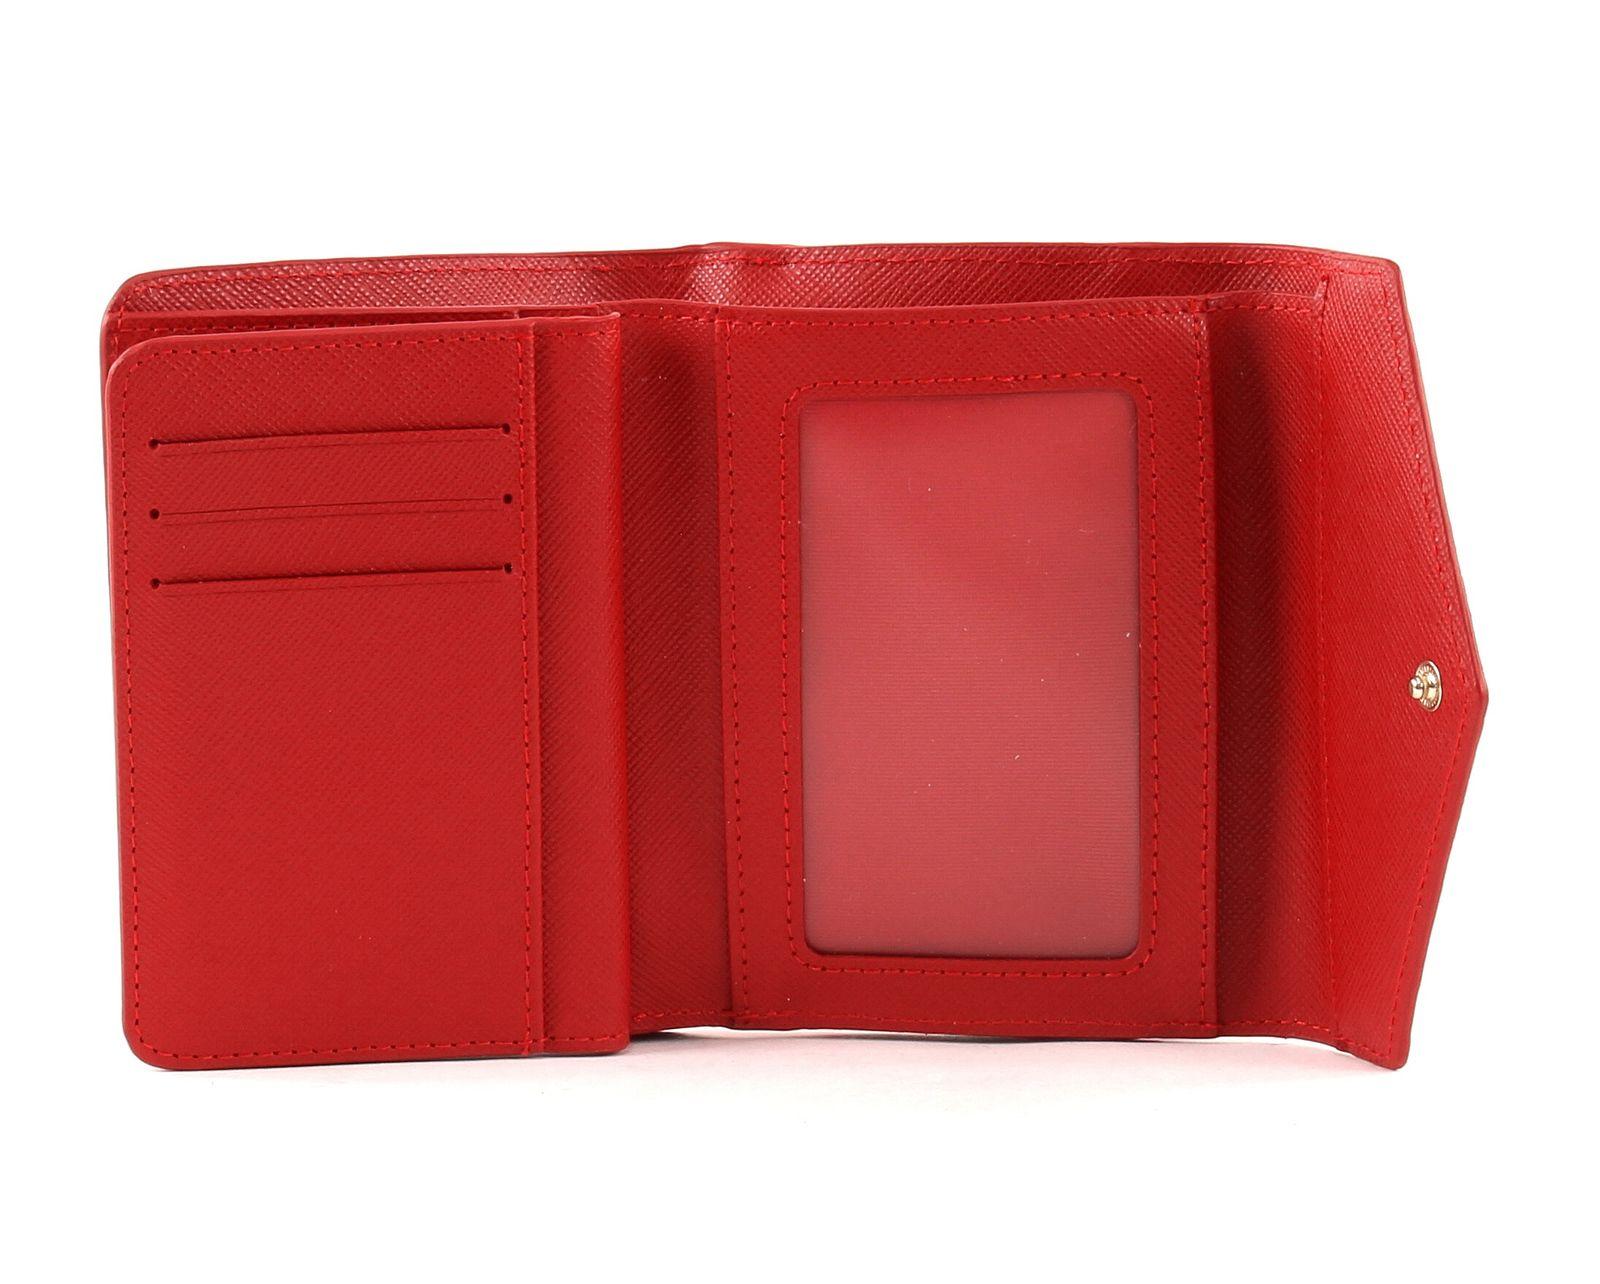 LANCASTER Adeline Flap Wallet Rouge